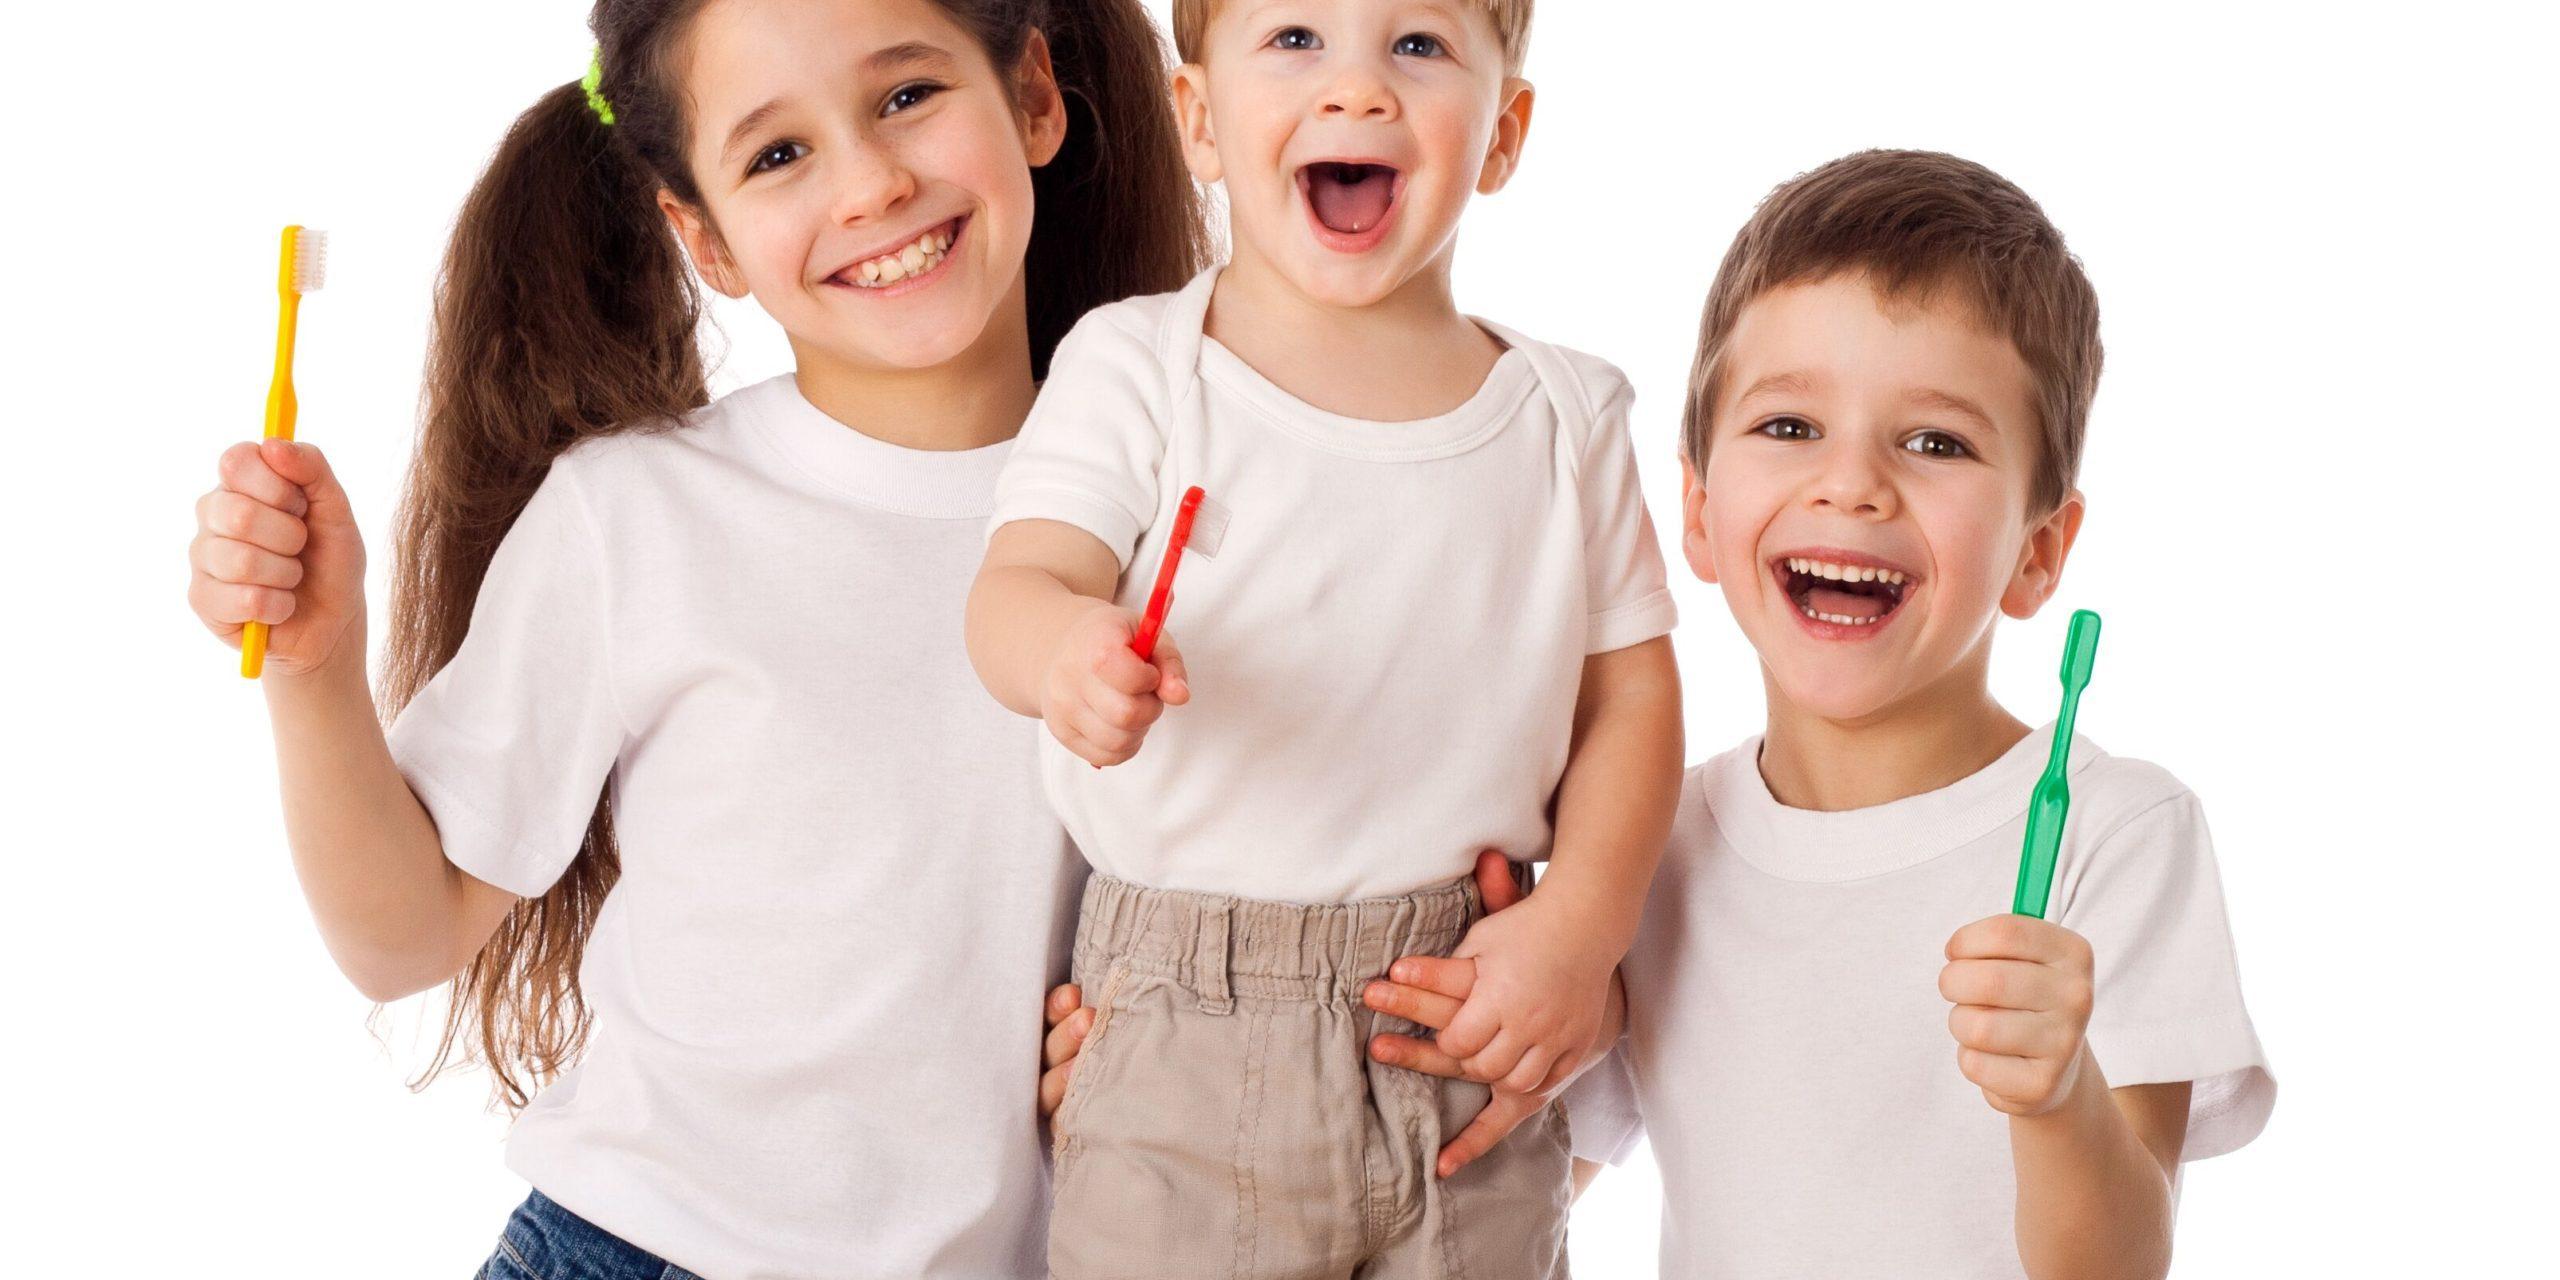 Çocukların Ağız ve Diş Bakımı İçin Yapılması Gerekenler